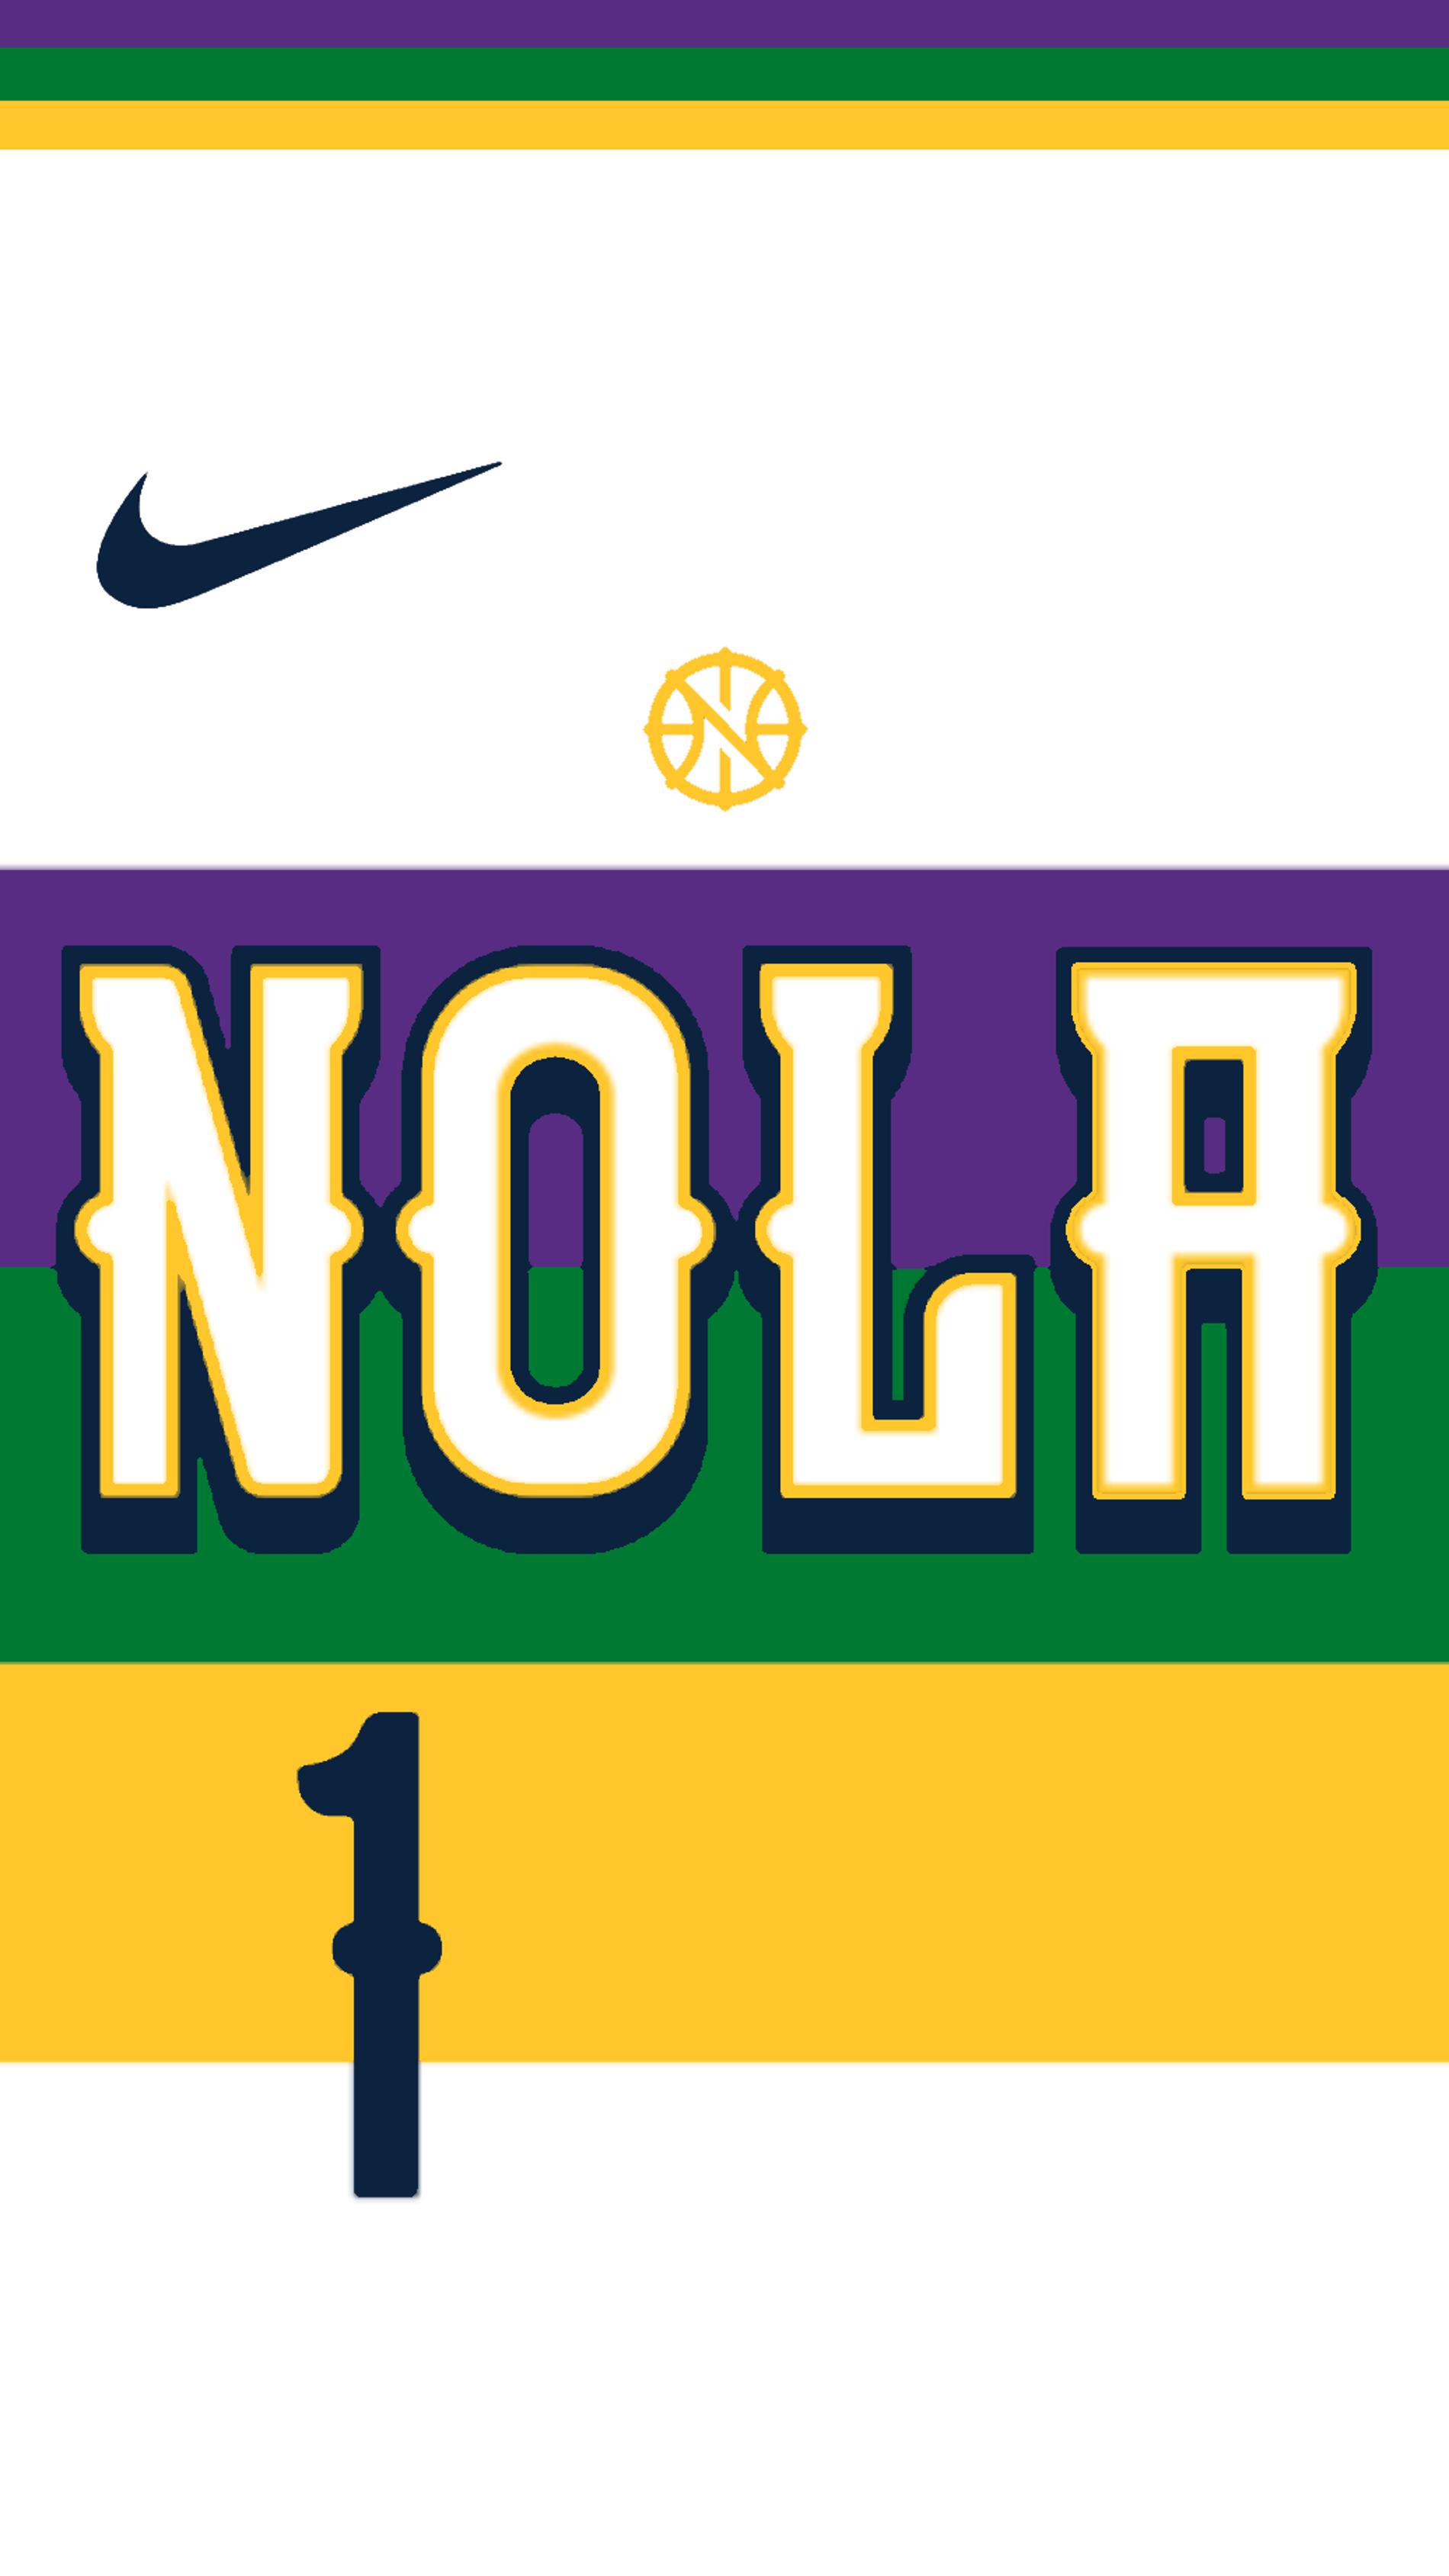 Pin By Luigi Depaul On Nba Nike Jersey Wallpaper Nba Wallpapers Nba Jersey Basketball Wallpaper